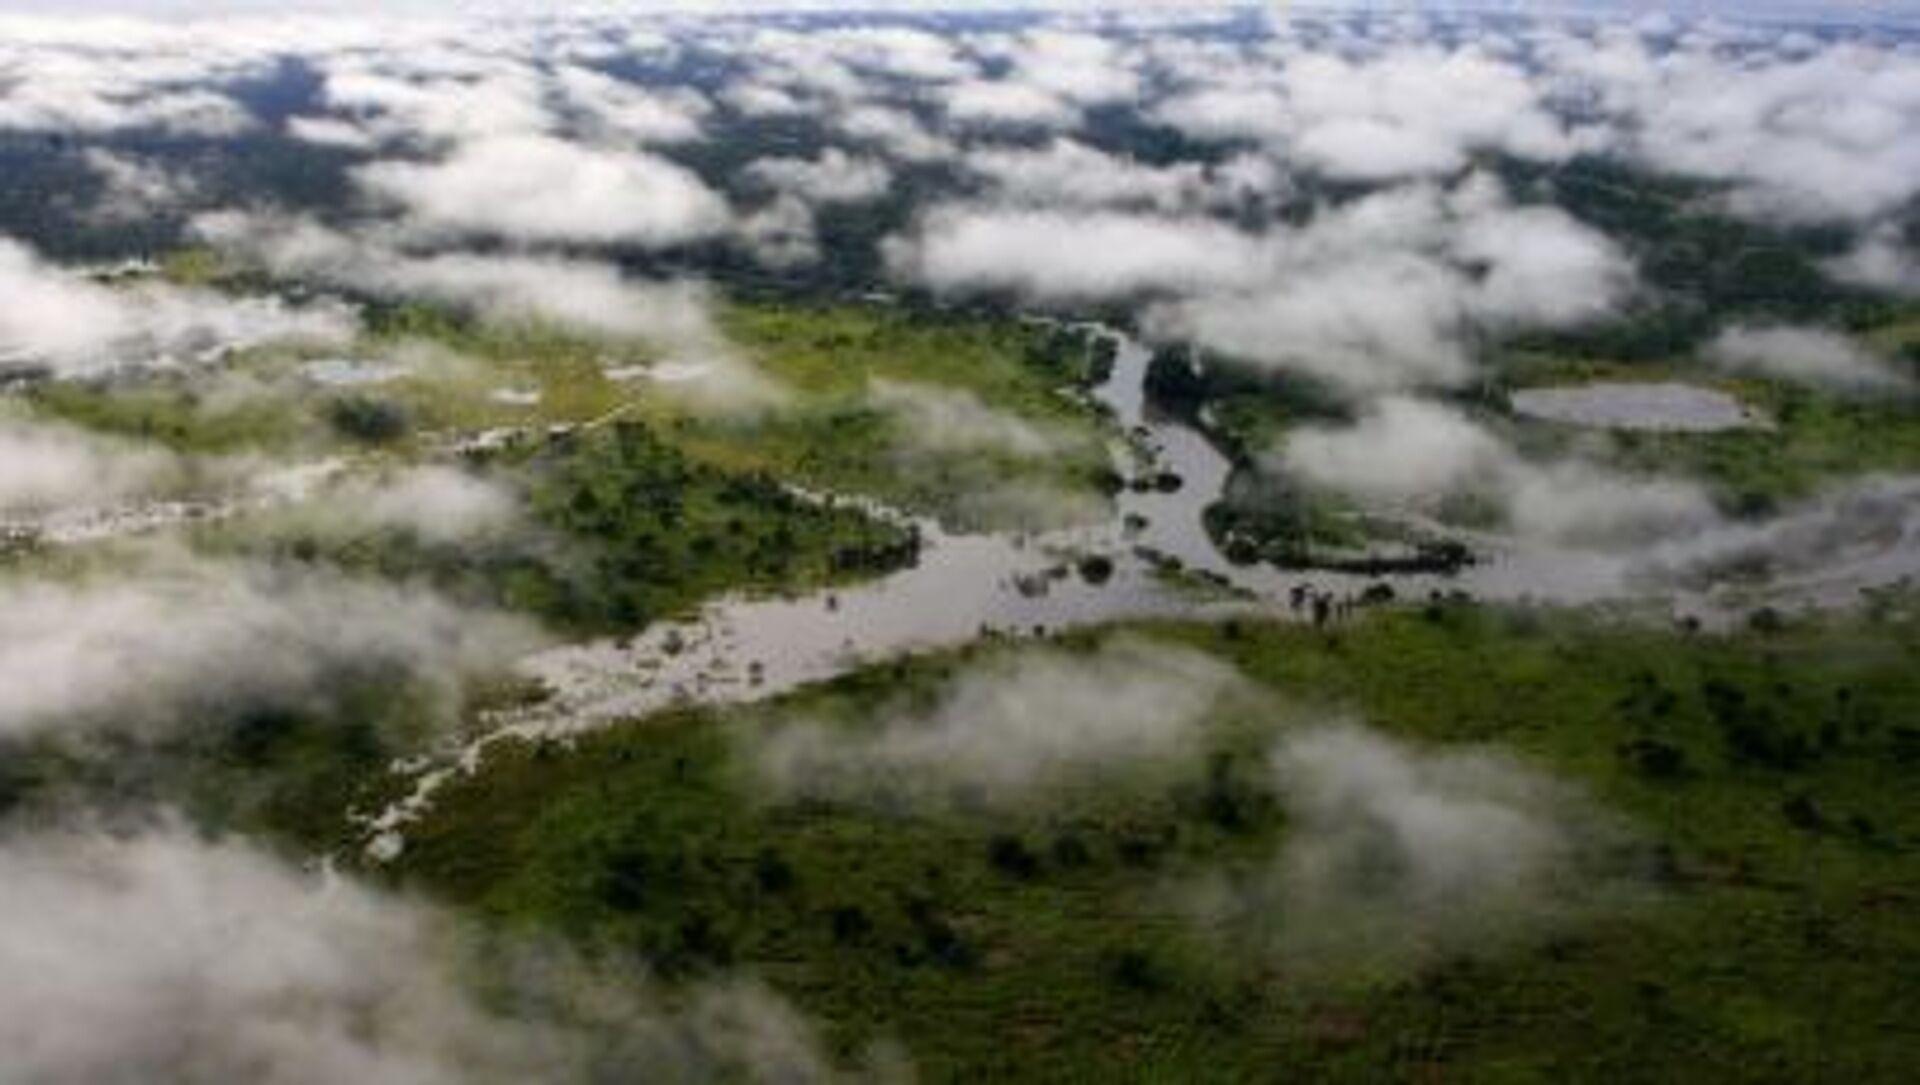 Una riserva naturale in Congo - Sputnik Italia, 1920, 19.02.2021